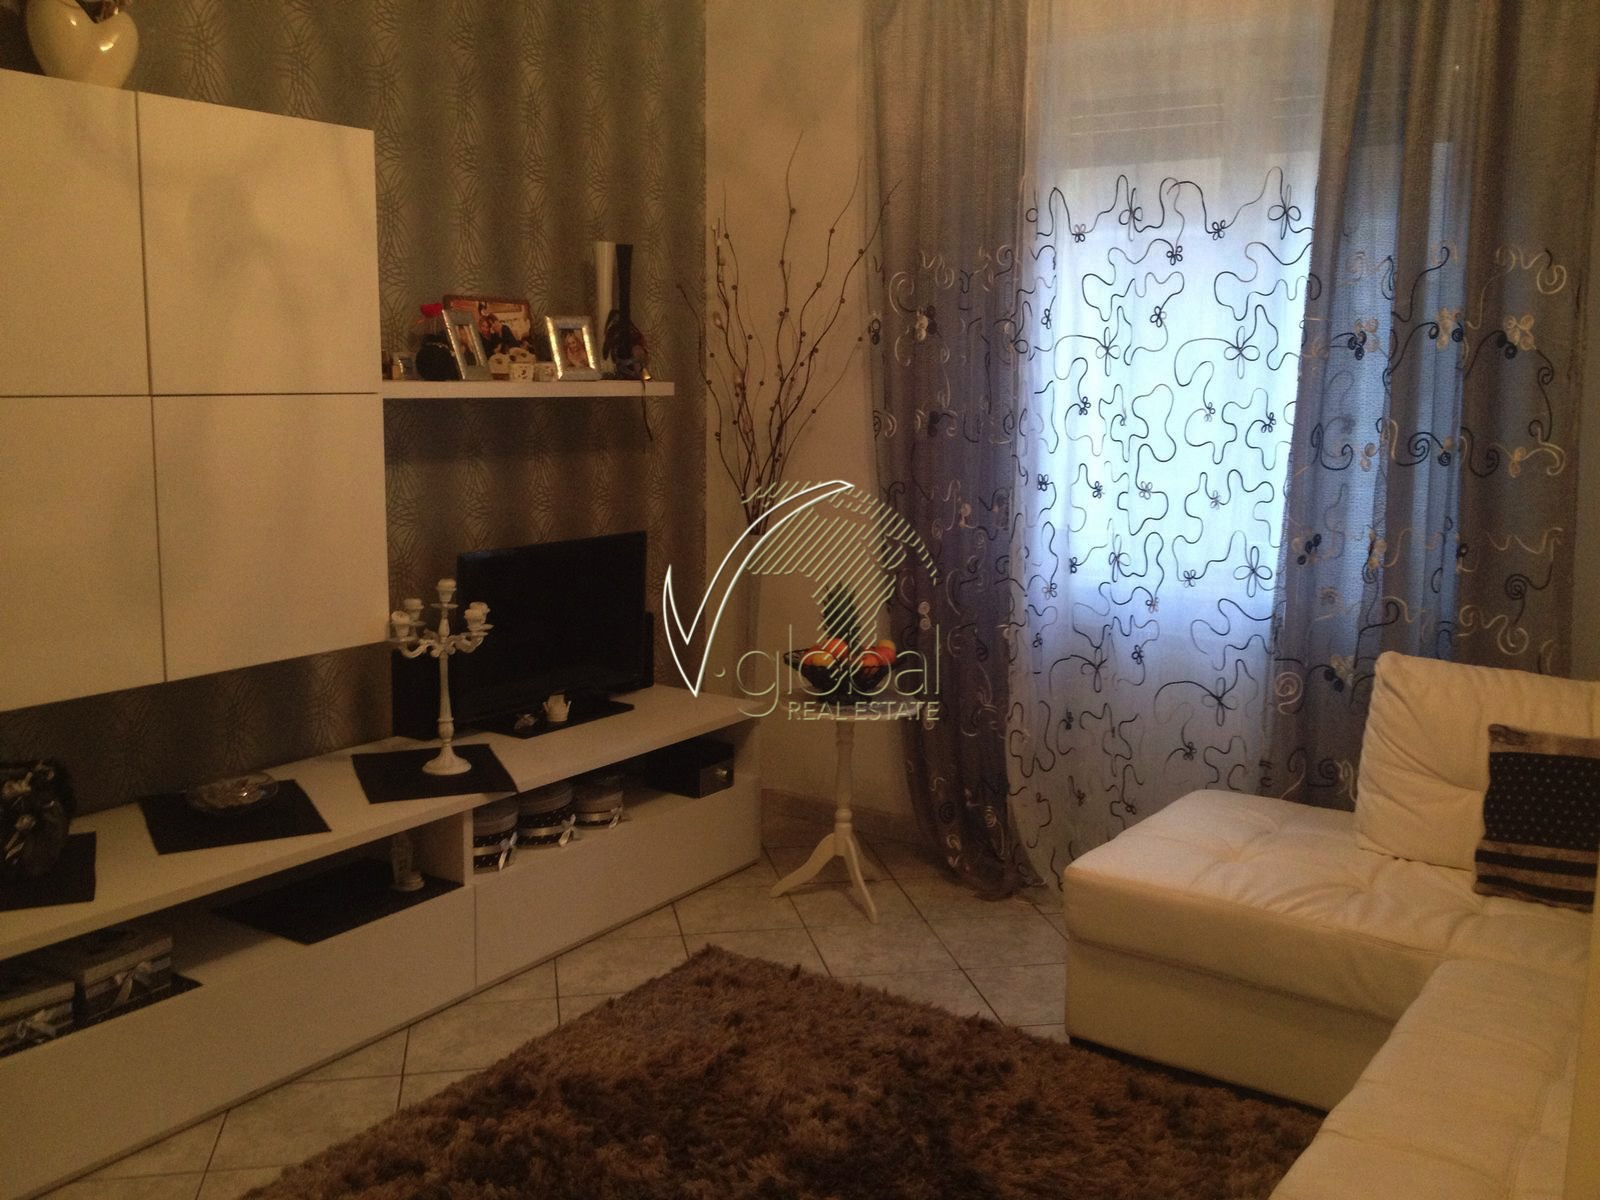 Appartamento in vendita a Livorno, 2 locali, zona Località: Periferianord, prezzo € 92.000 | Cambio Casa.it